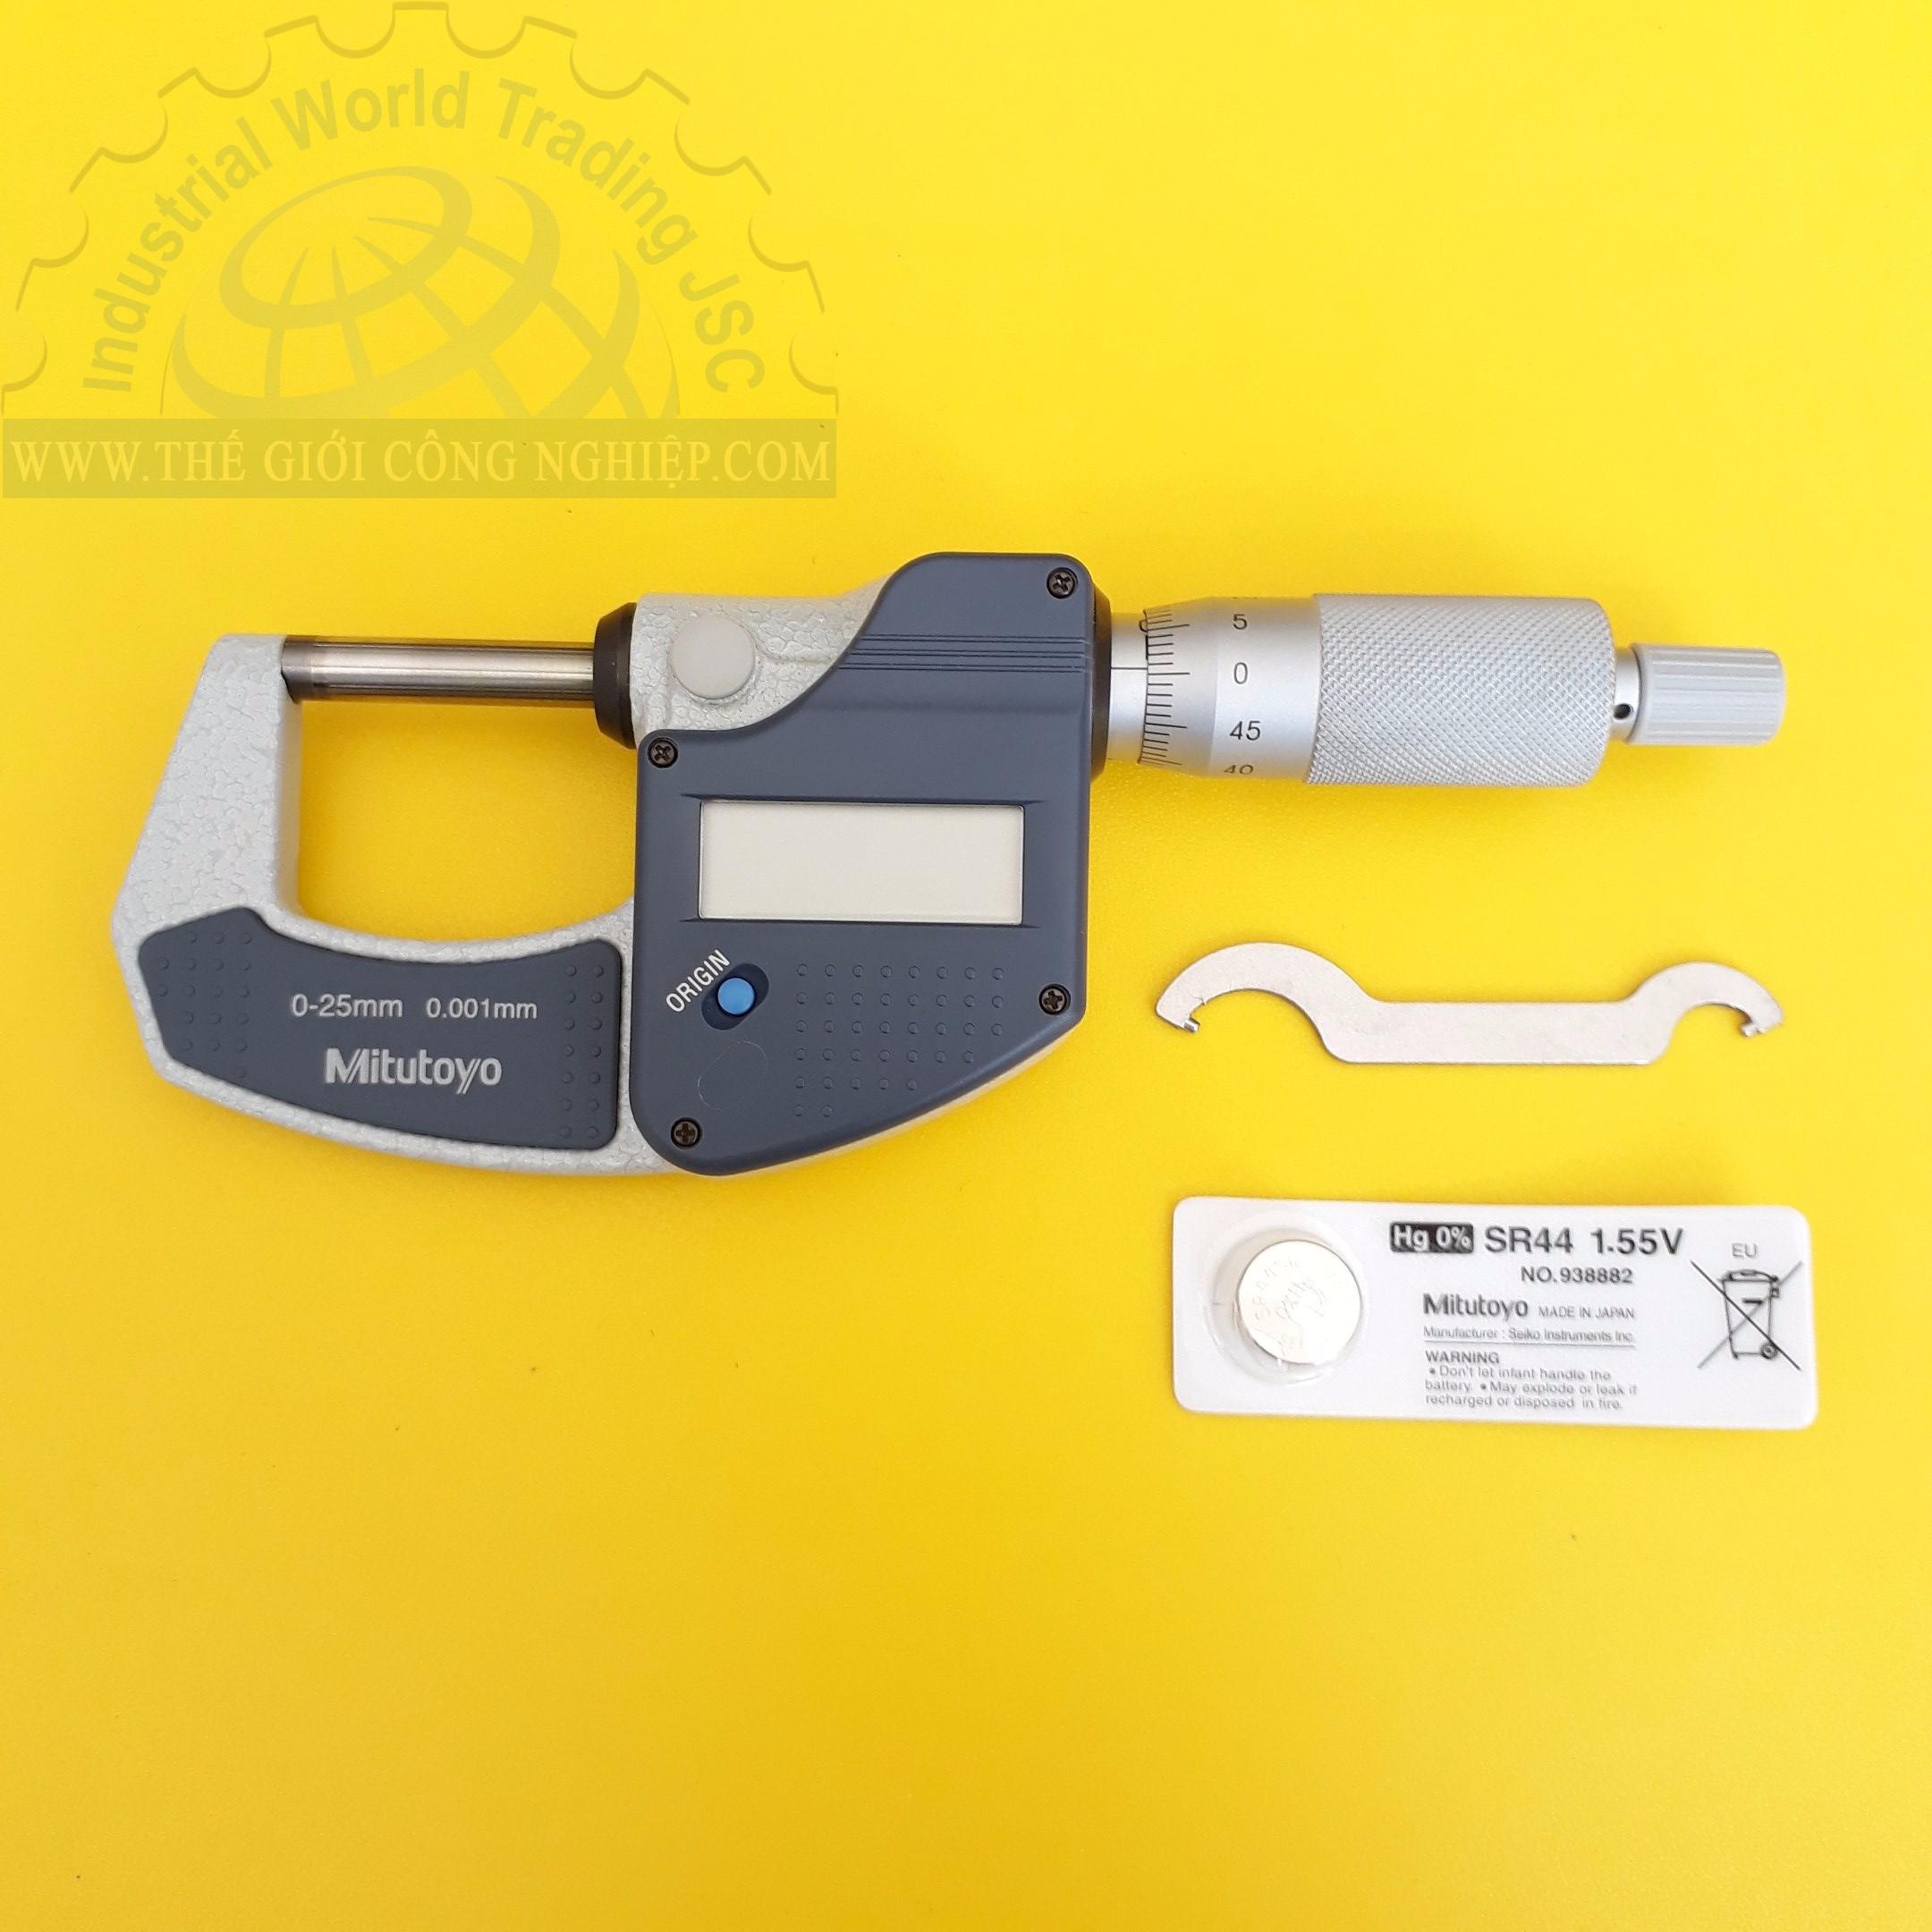 Digital micrometer 293-821-30 MITUTOYO